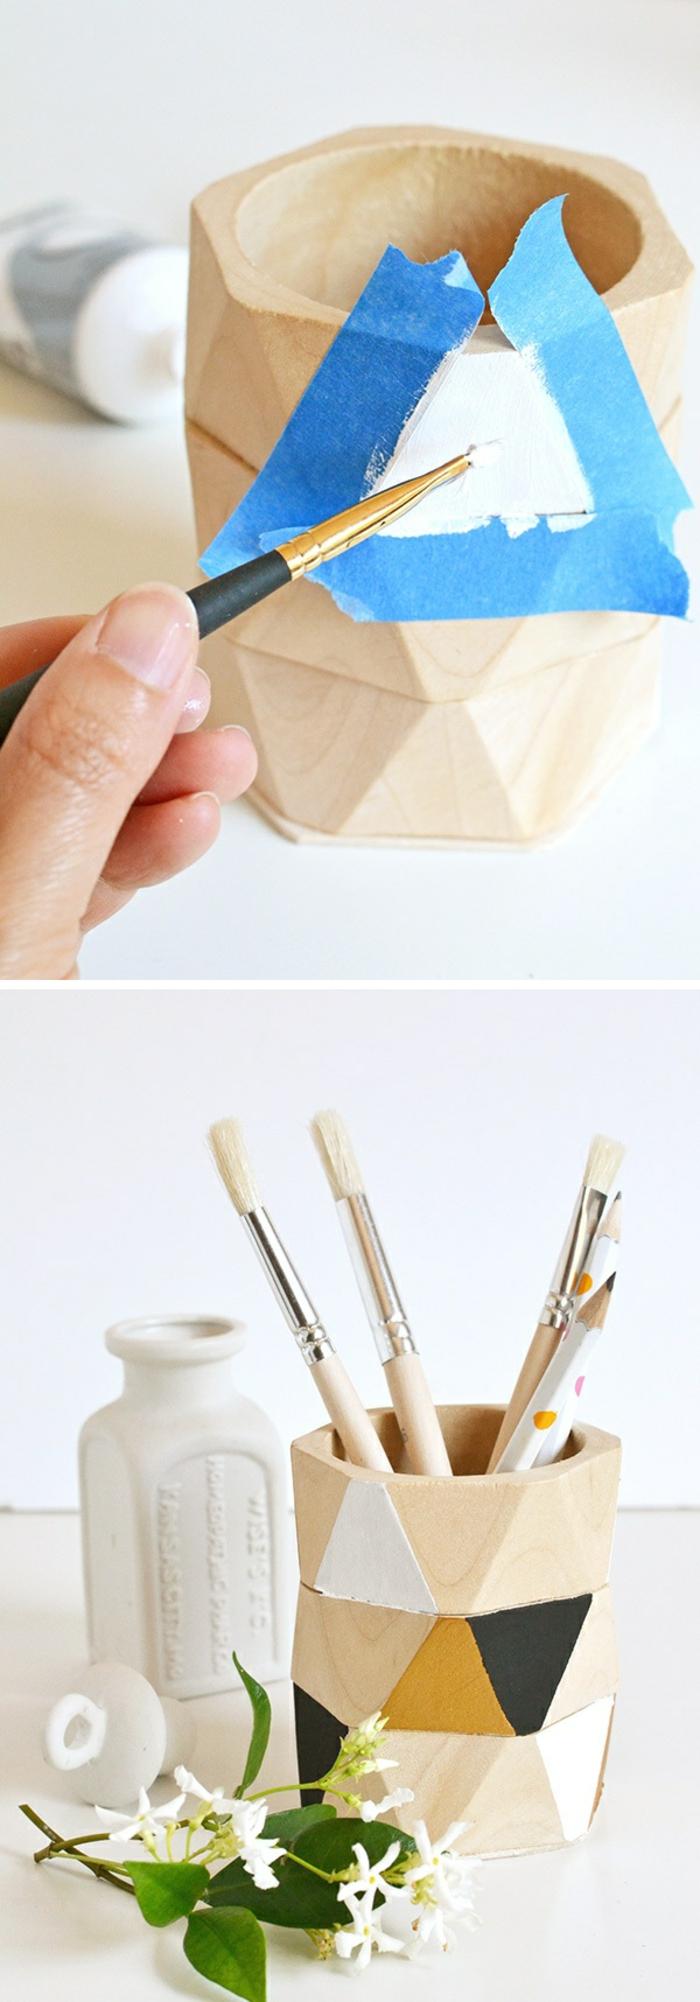 stifthalter aus holz selber machen und dekorieren, klebeband, farbe, pinsel